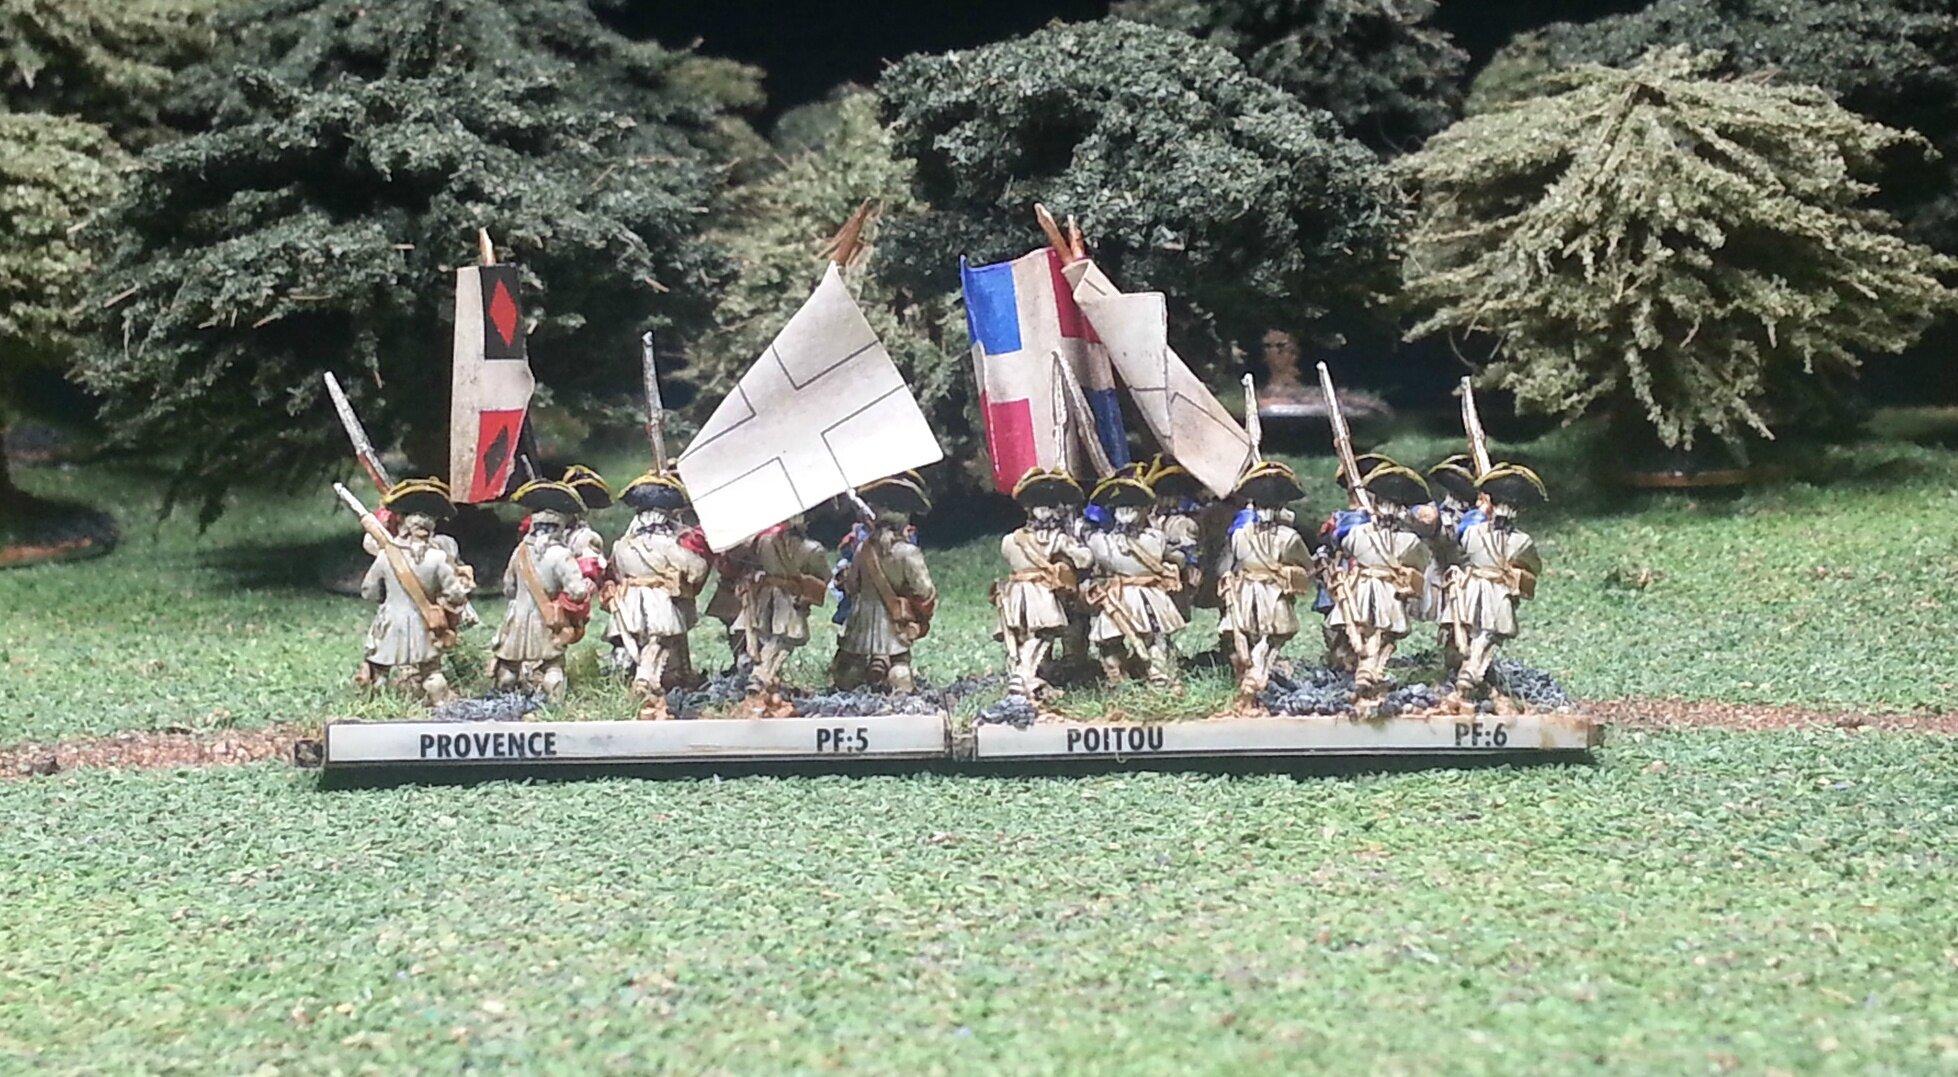 Brig Poitou dos